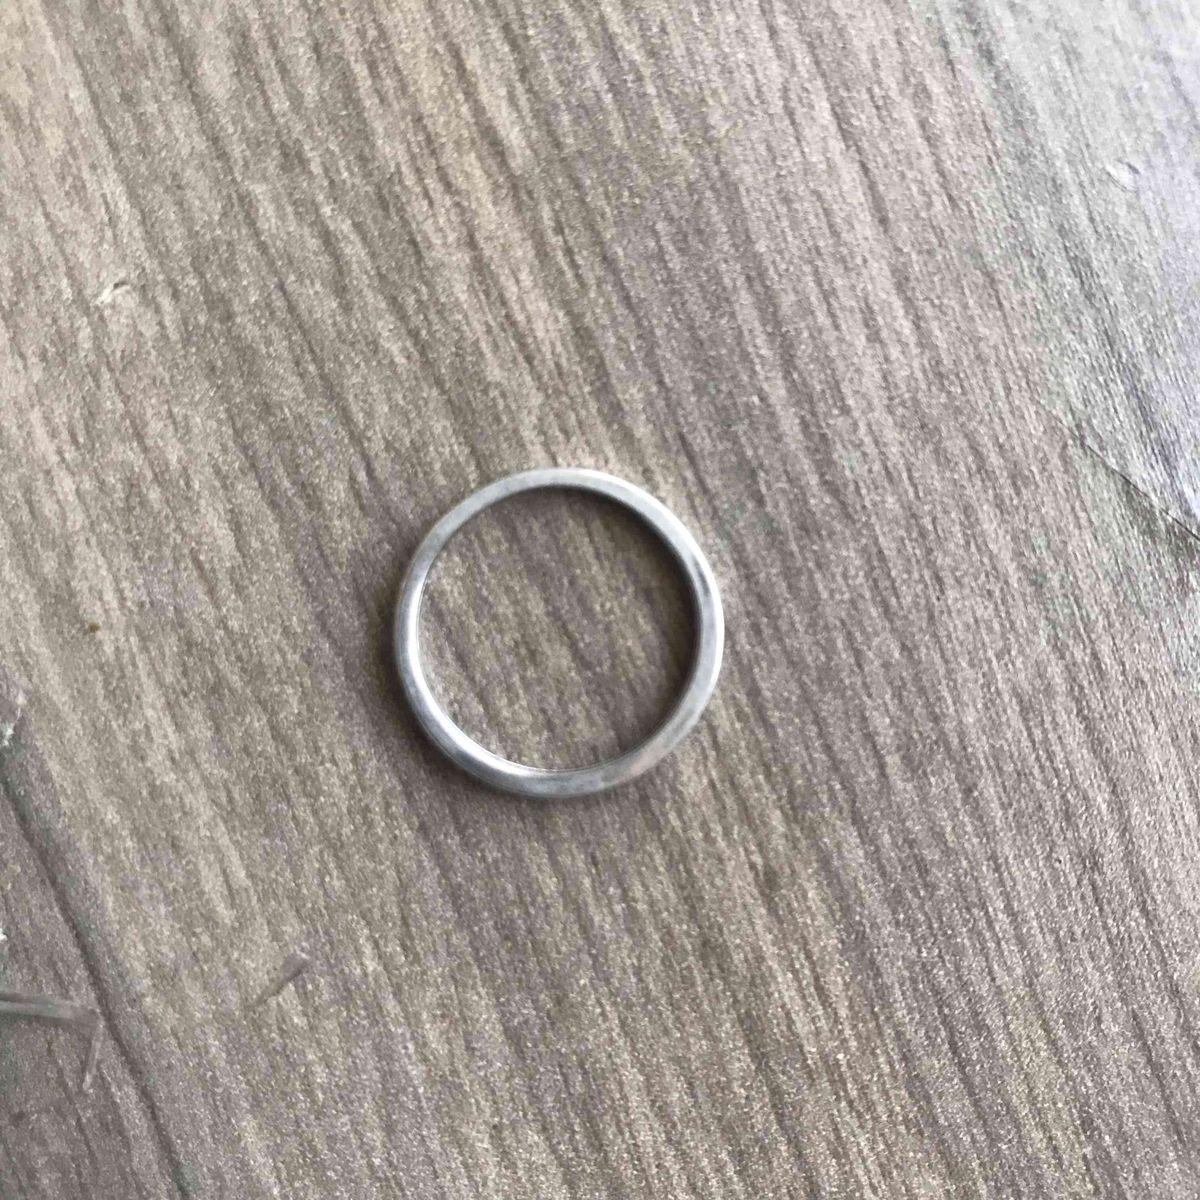 Отличное кольцо за небольшие деньги